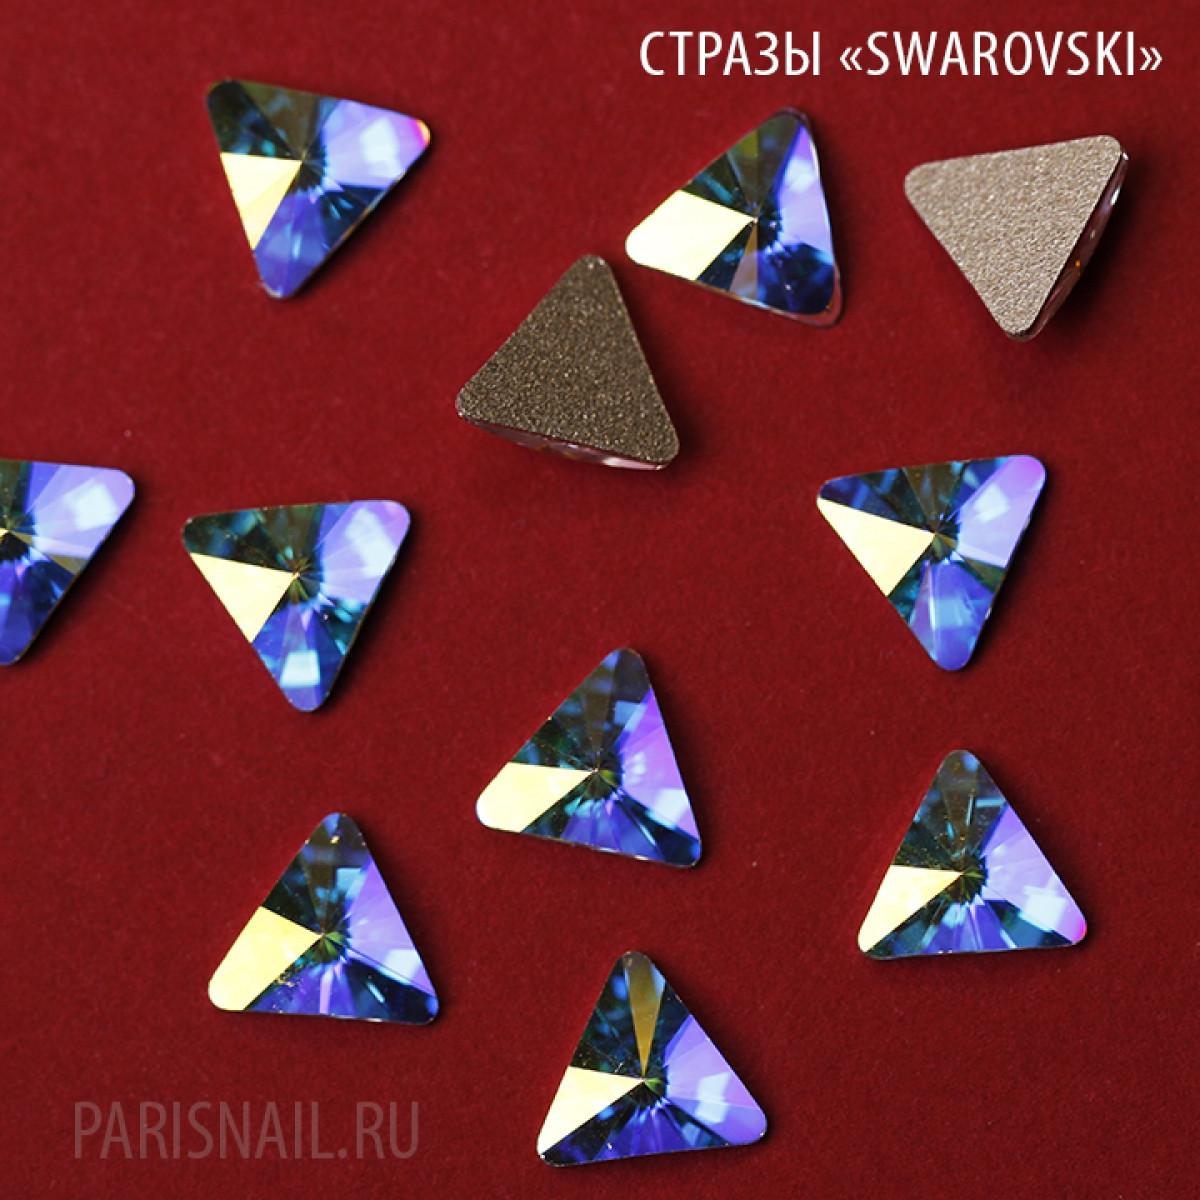 """Стразы """"Swarovski""""  2716 MM 5.0 CRYSTAL AB F 6шт"""